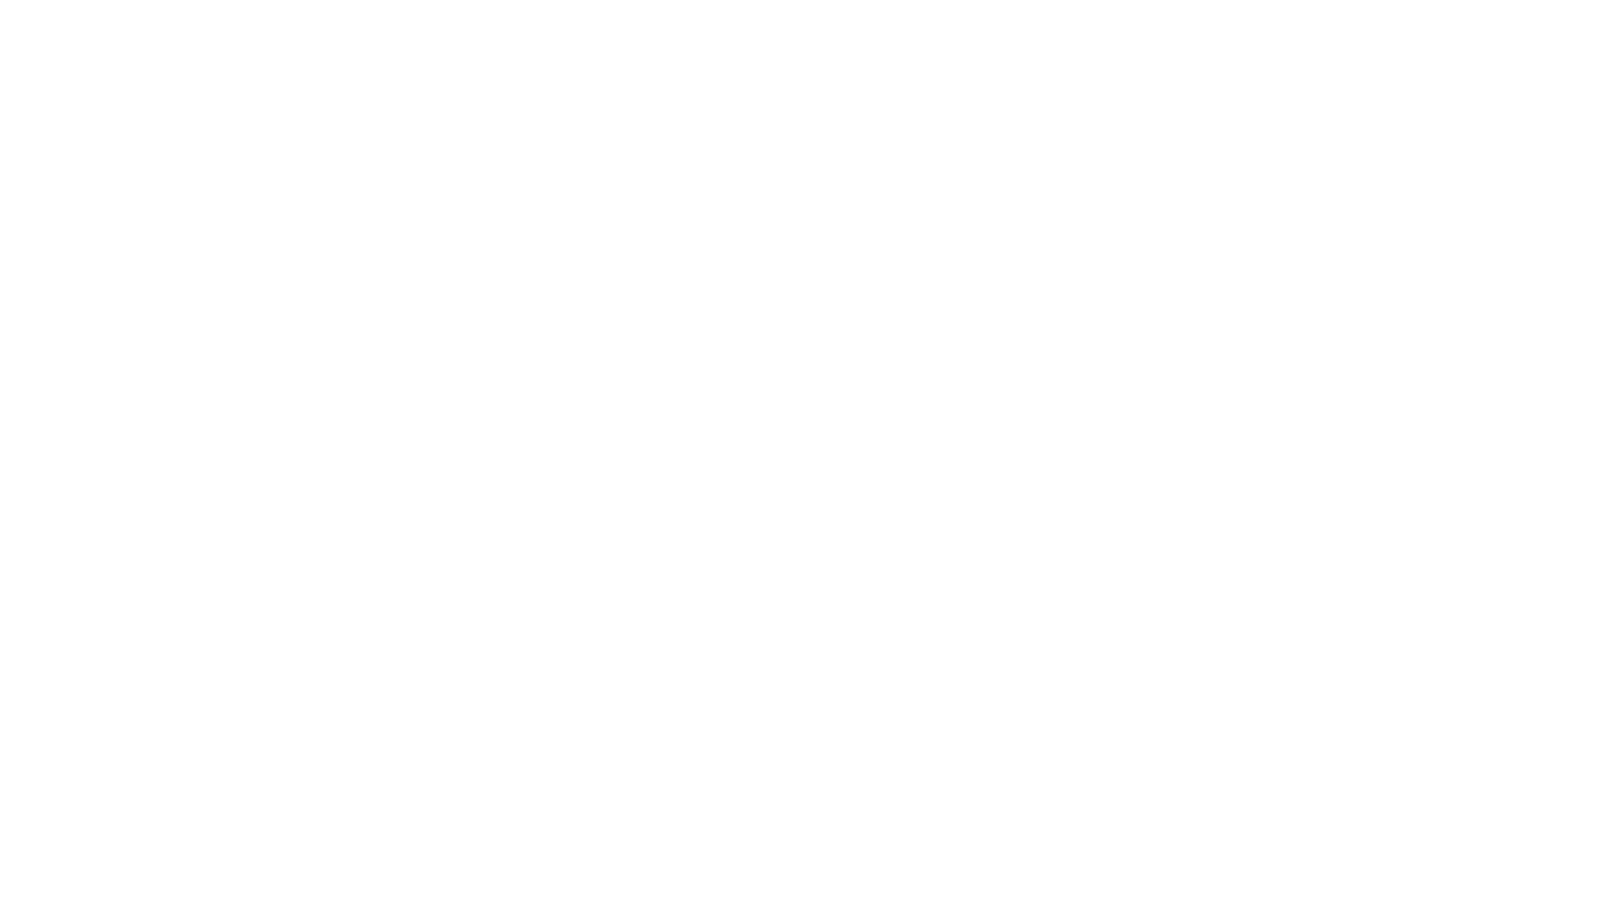 """Tutorial de Rosas de Sant Jordi para #micuarentenacreativa. Hoy es el día internacional del Libro. En algunos sitios se celebra como el """"Día del libro y la Rosa"""". En este día se conmemora el nacimiento de los dos más grandes referentes de la literatura mundial: Shakespeare y Cervantes. Pero además en Cataluña, hoy actualmente vivo, se celebra Sant Jordi, el santo patrono, es un día muy especial porque se mezcla el día del libro con el día los enamorados.  En el tutorial también encontraras un reto que nos hace mucha ilusión a todos quienes hemos participado en #micuarentenacreativa."""